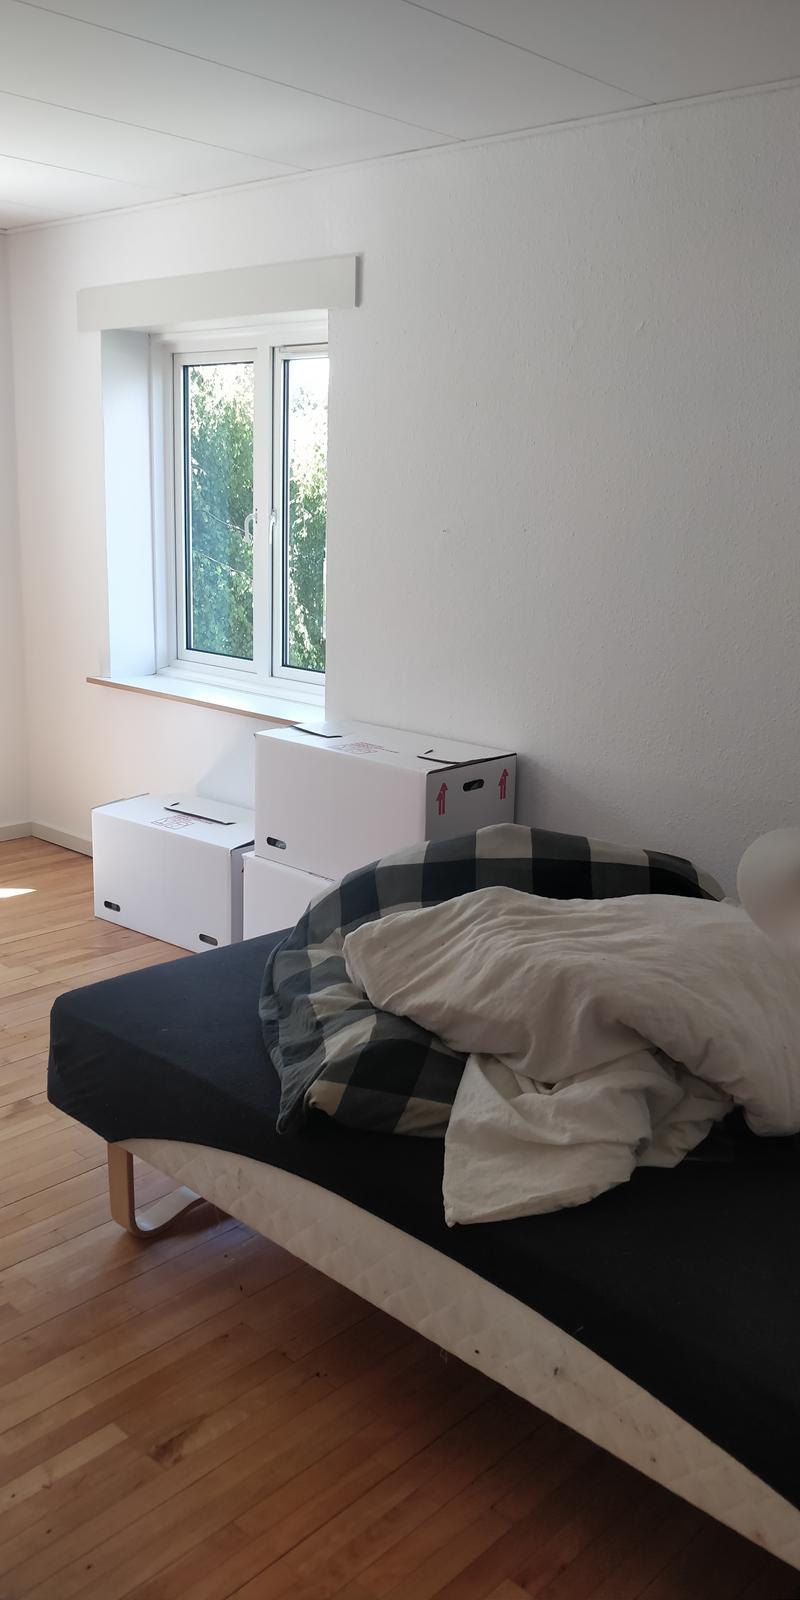 Lejlighed 2 billede 6